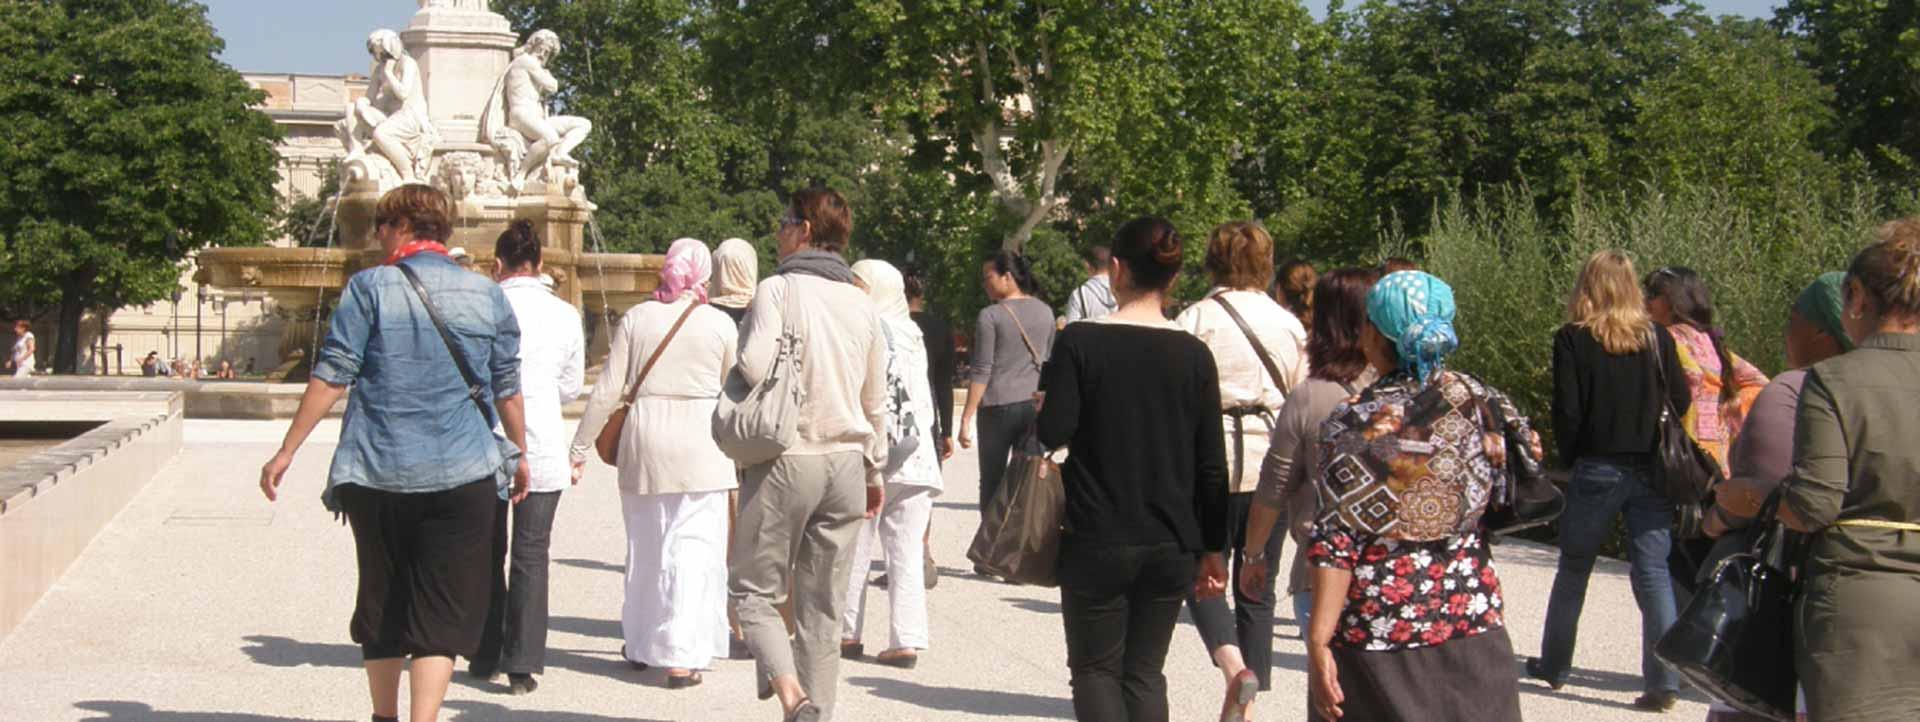 L'esplanade à Nimes - Association Quartier Libre